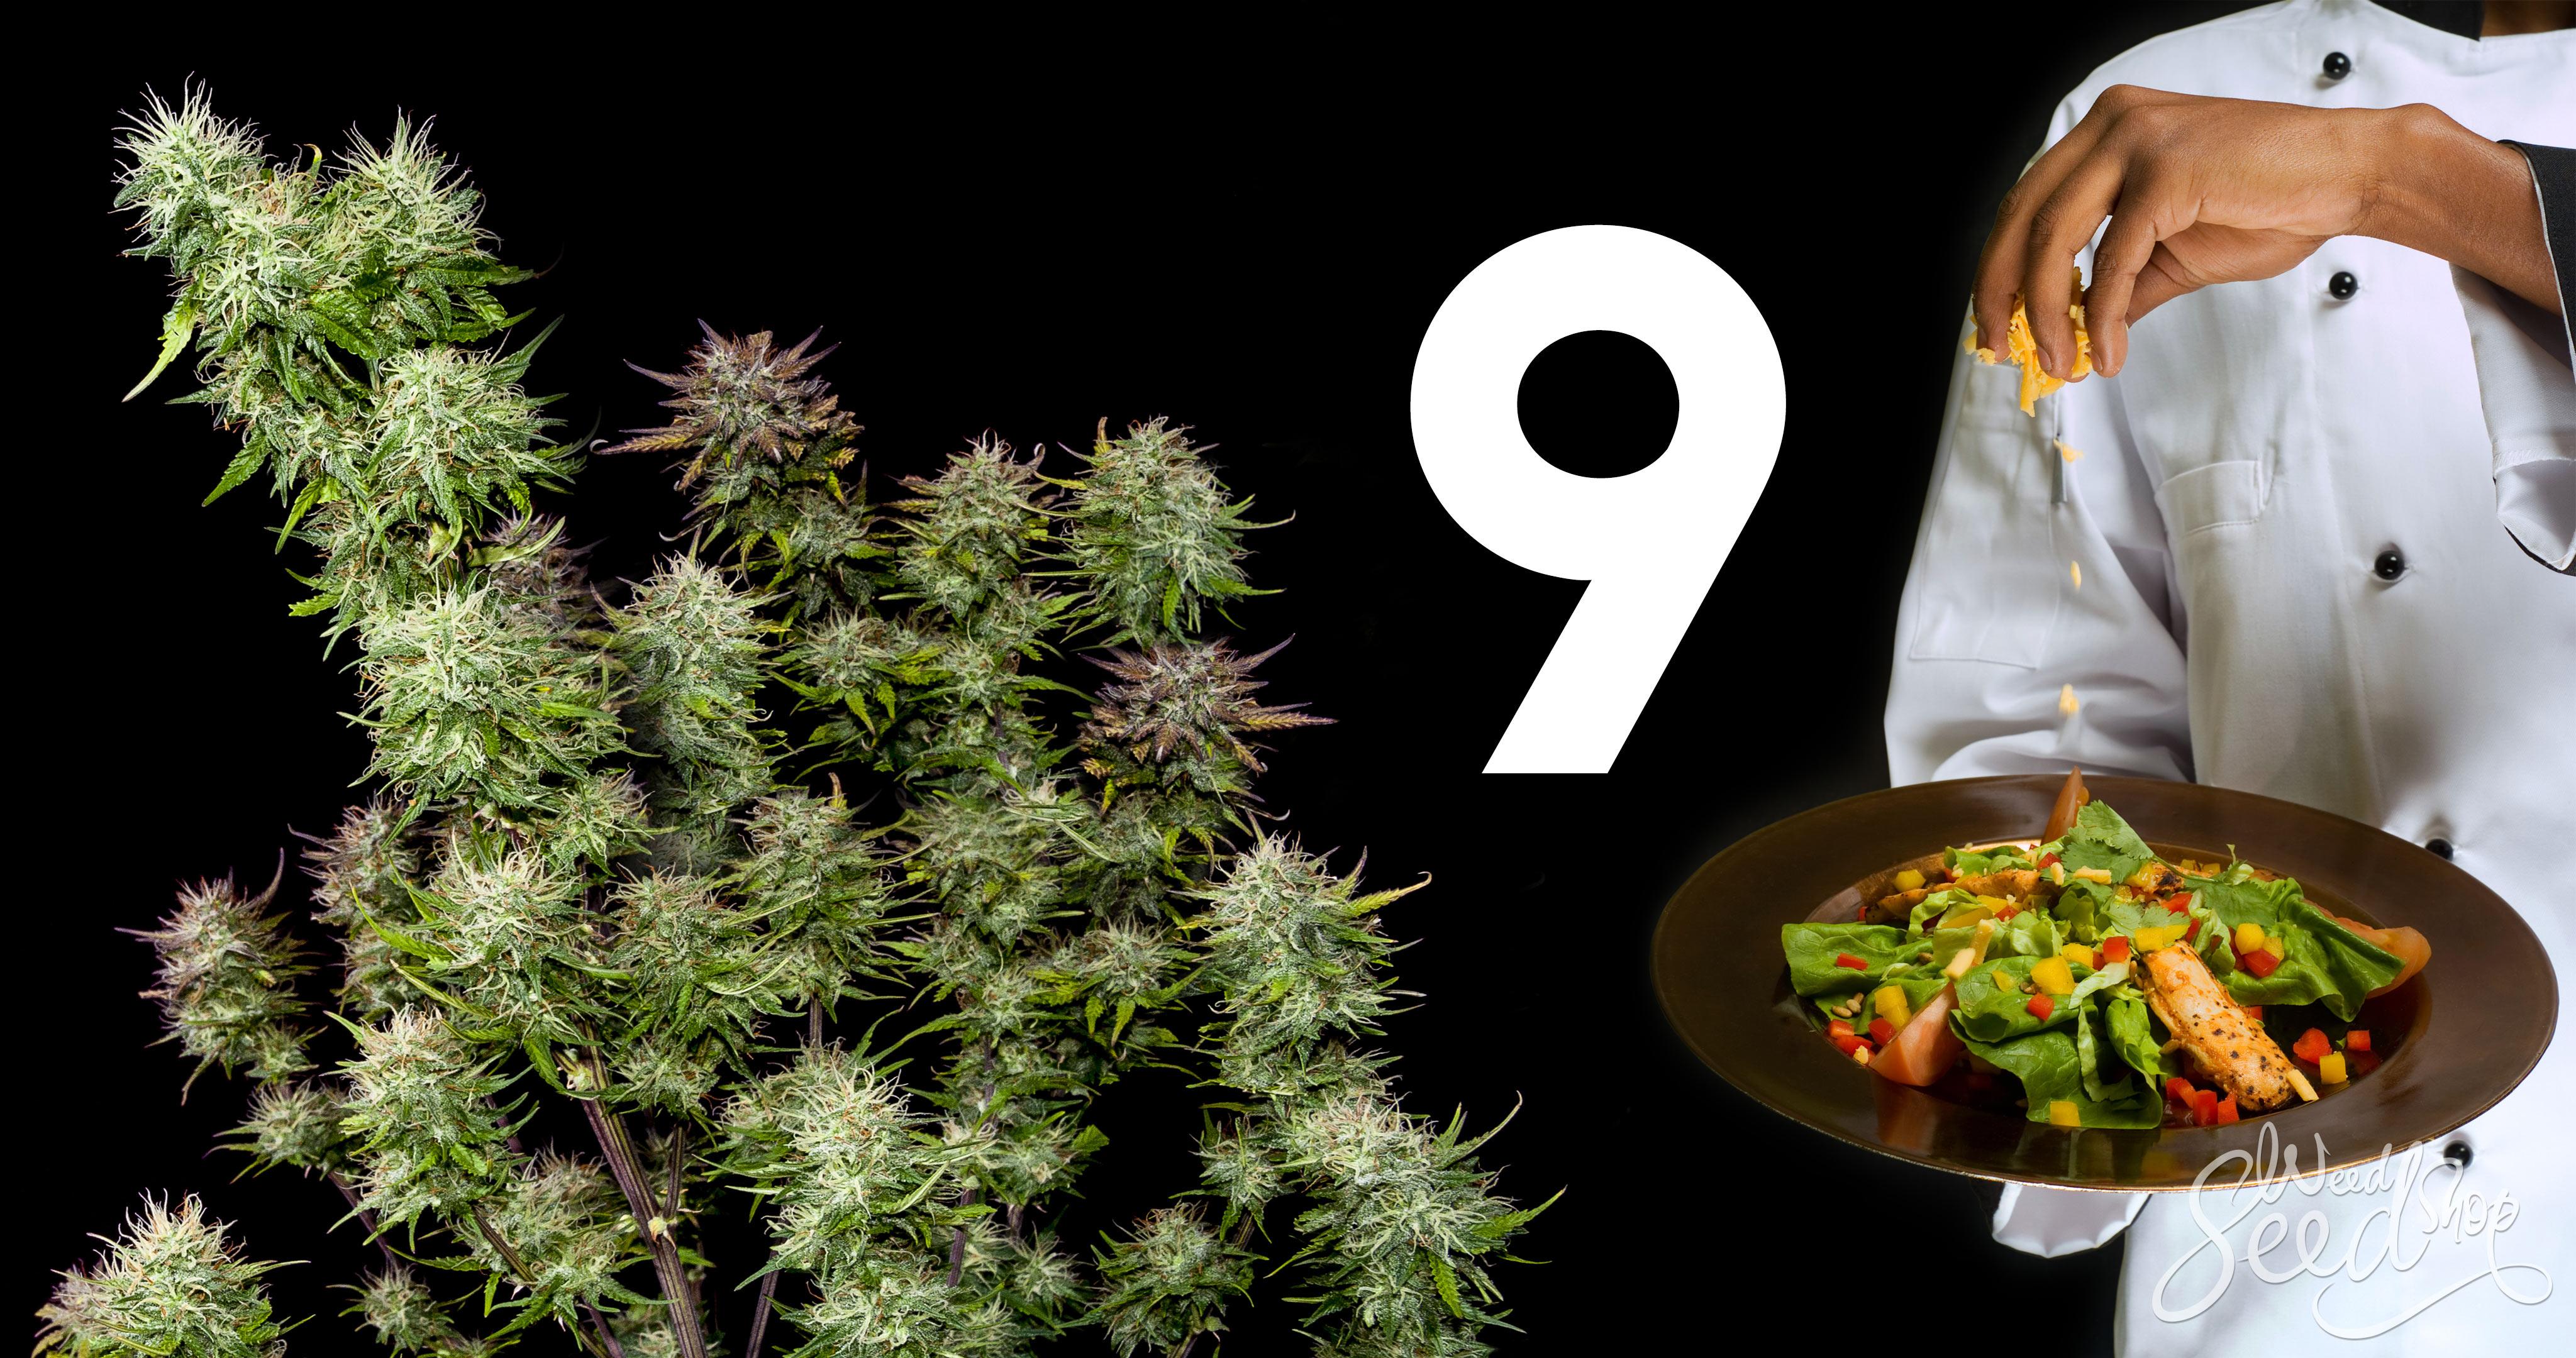 Los mejores 9 chefs de cannabis del mundo - WeedSeedShop